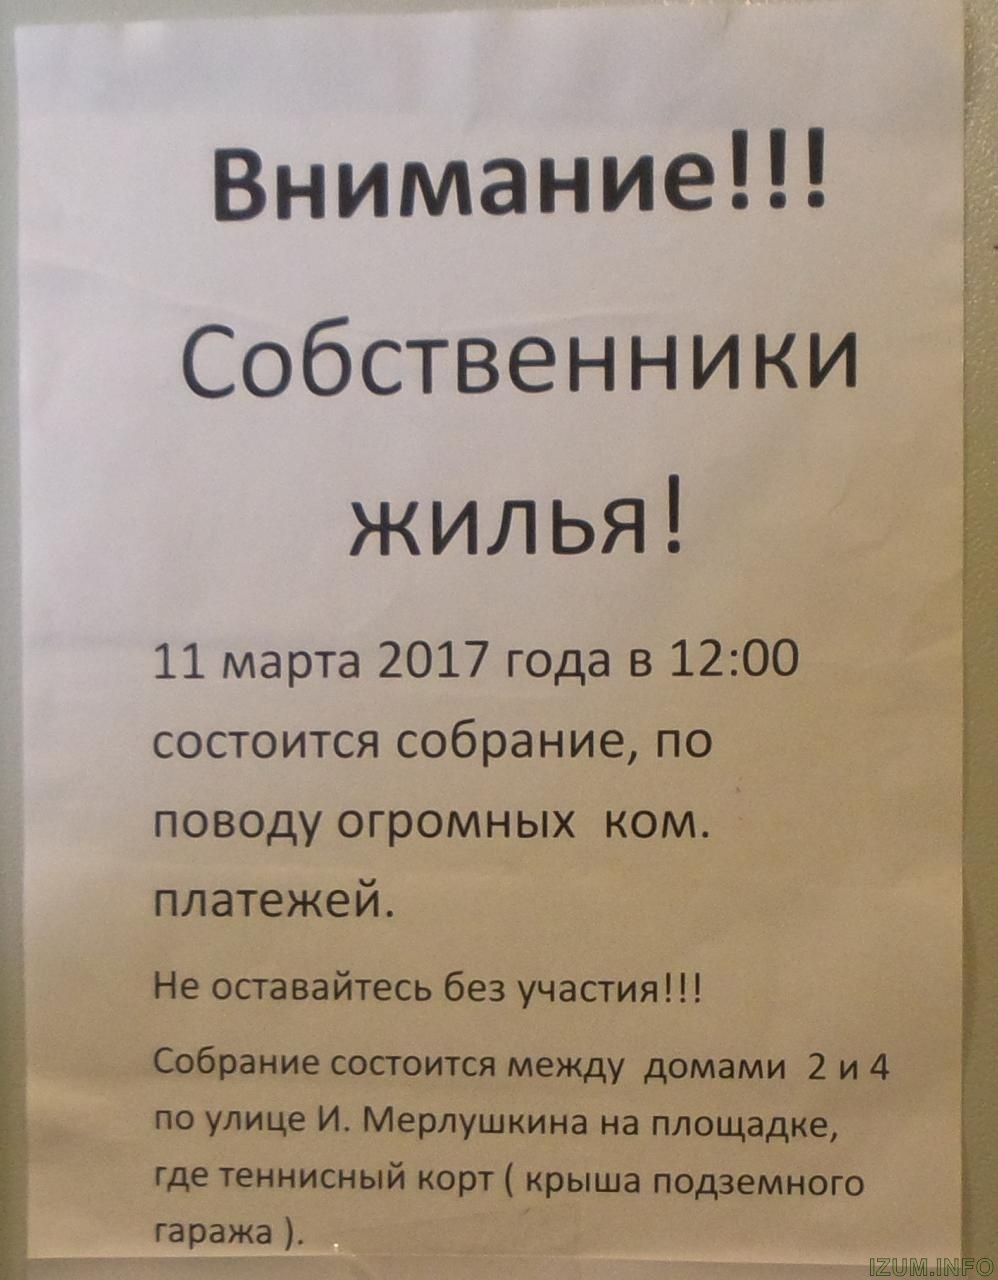 ЖК Изумрудные холмы объявление о собрании ЖКХ. izum.info(1).jpg